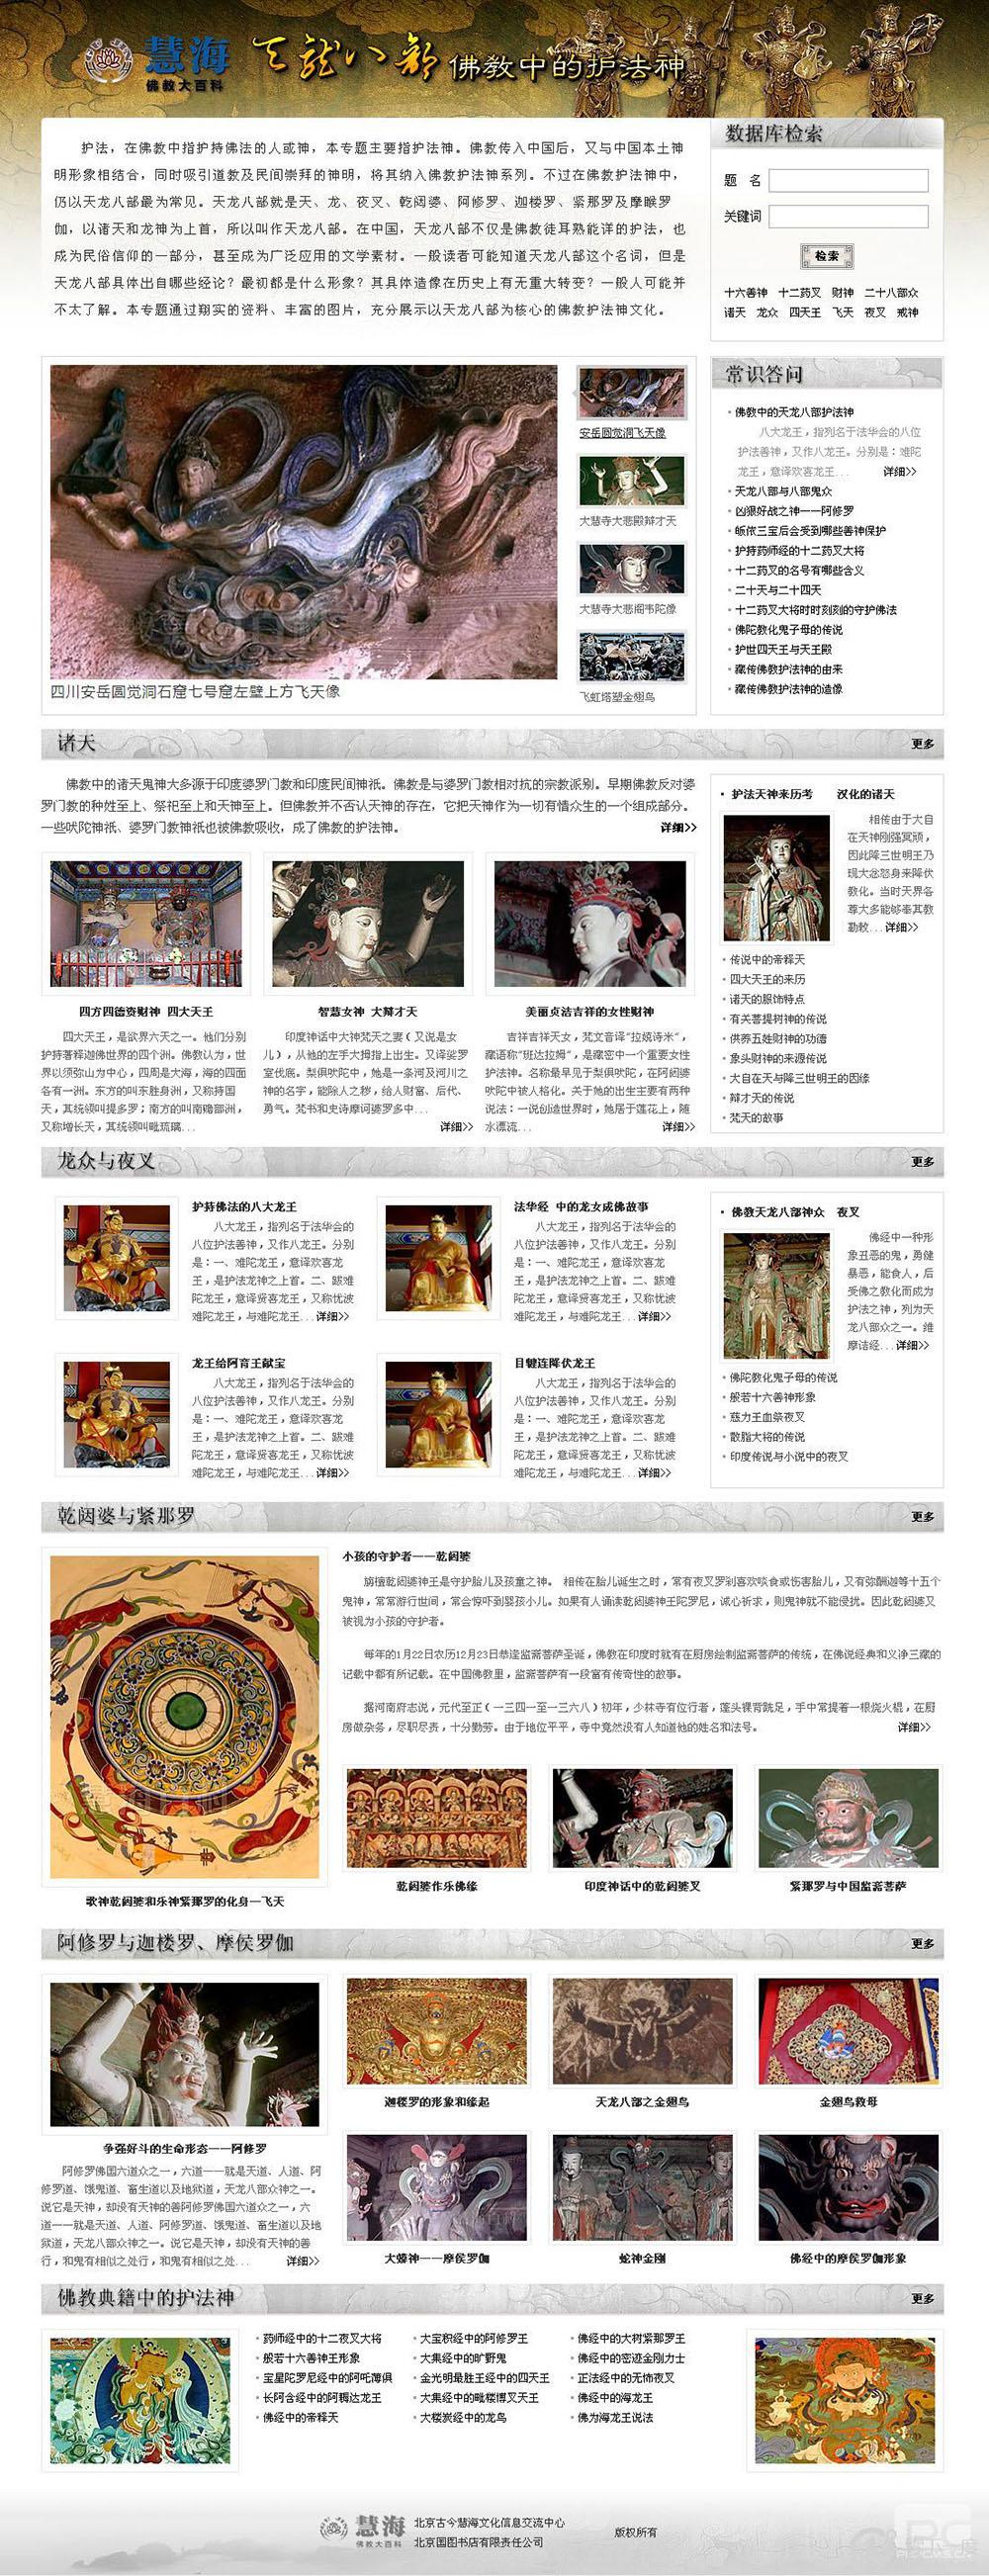 慧海佛教数据库之天空八部-佛教中的护法神